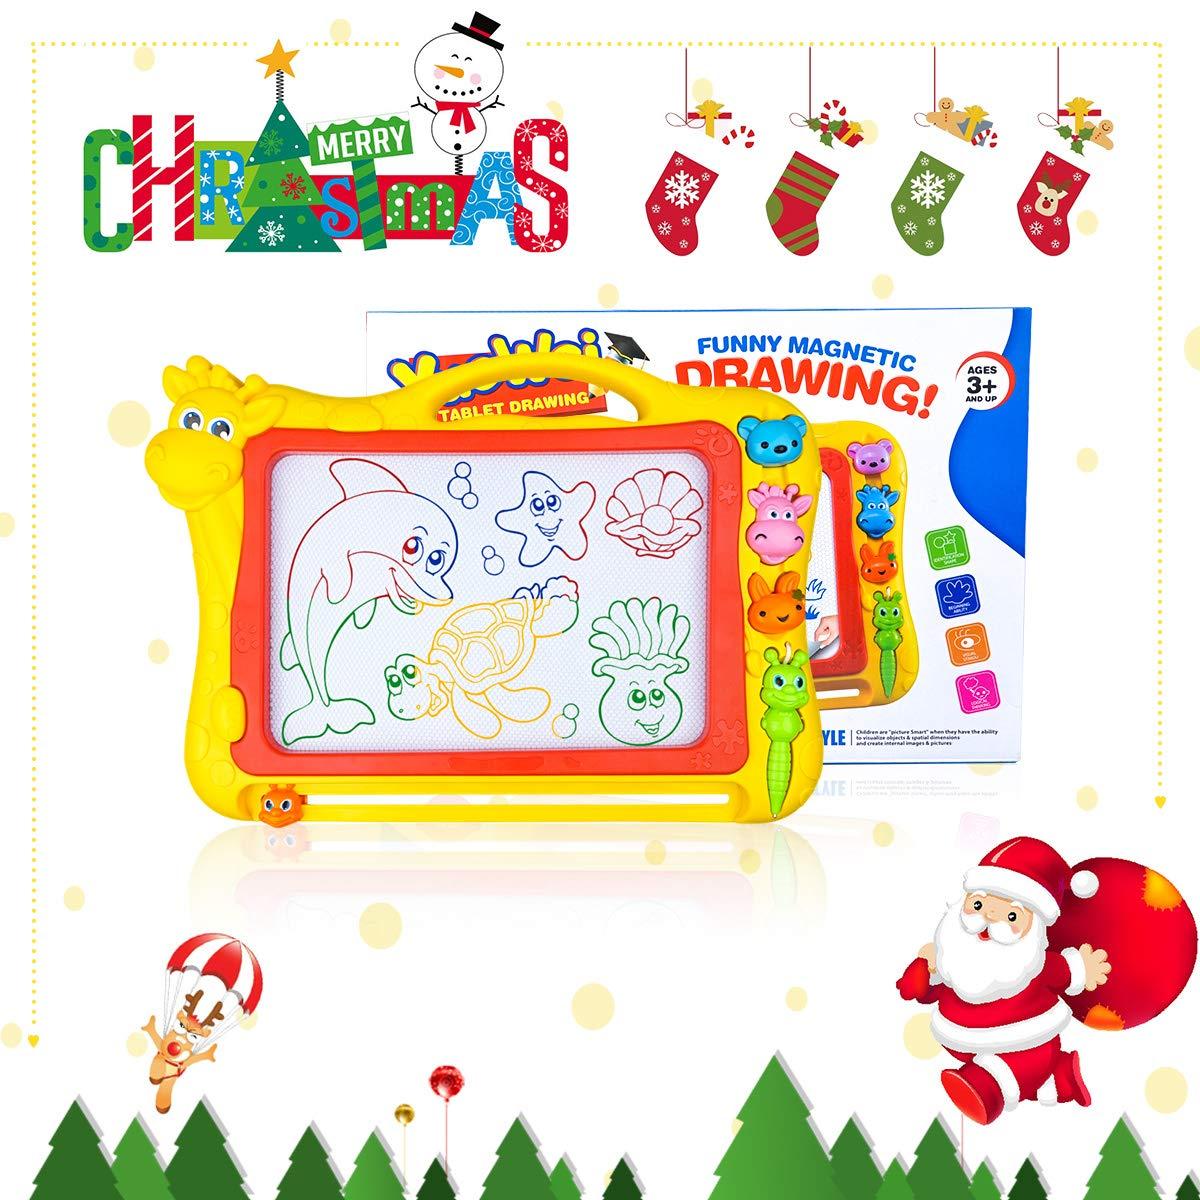 Merryxgift Magnetisches Zeichenbrett, Große (43 x 30 x 5 cm) Kinder Zaubertafel Doodle Board Pad Bunt Zeichenbrett mit 3 Magnetische Stempel für Kinder 3 4 5 6 7 Jahre Alt